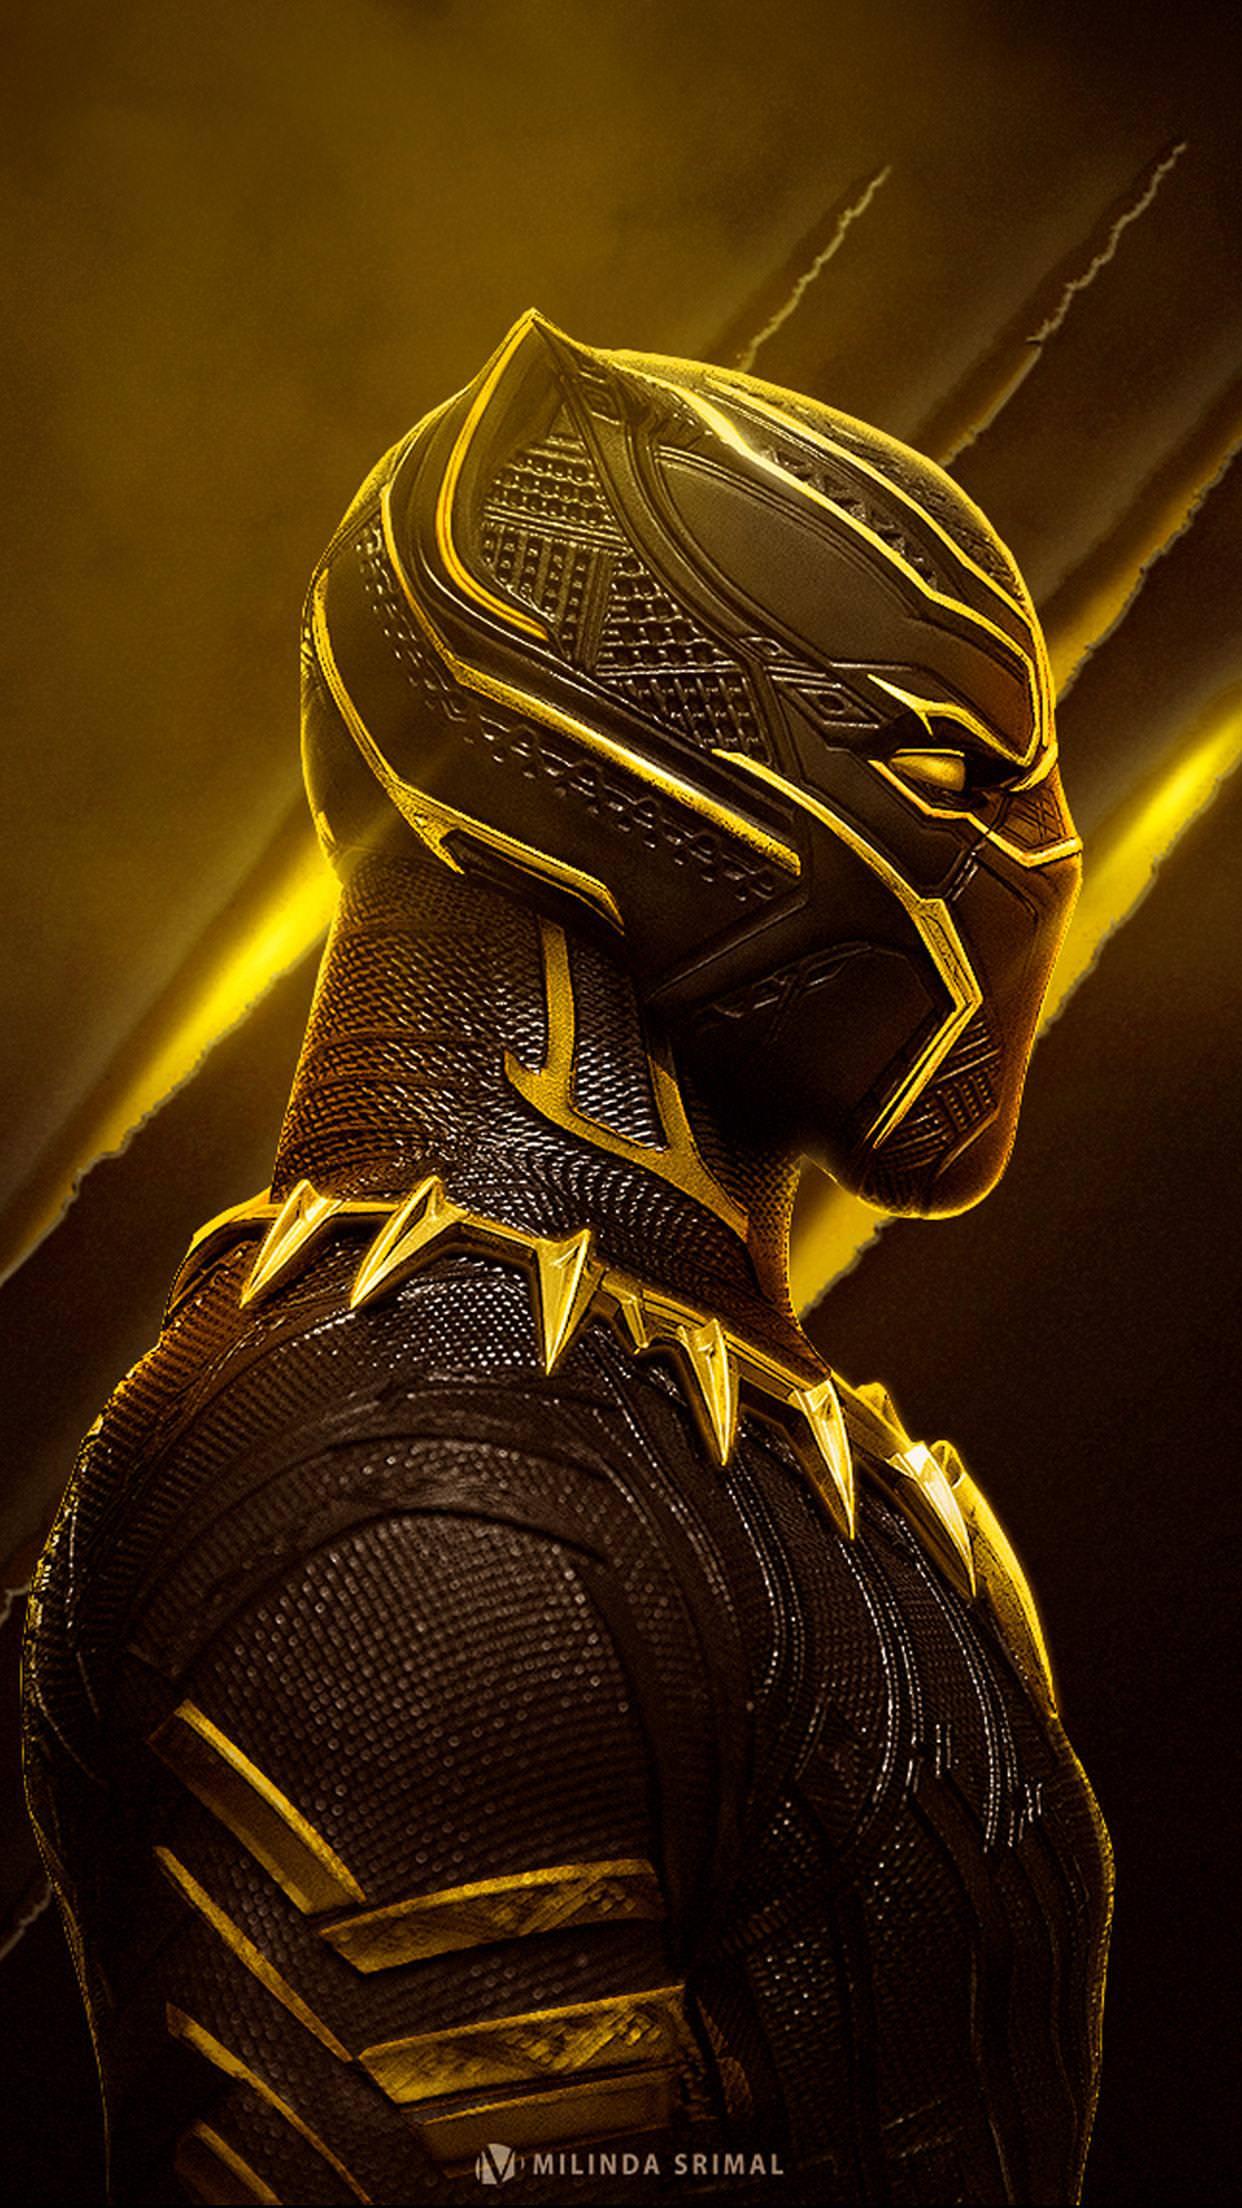 16 Black Panther Gold Wallpapers On Wallpapersafari